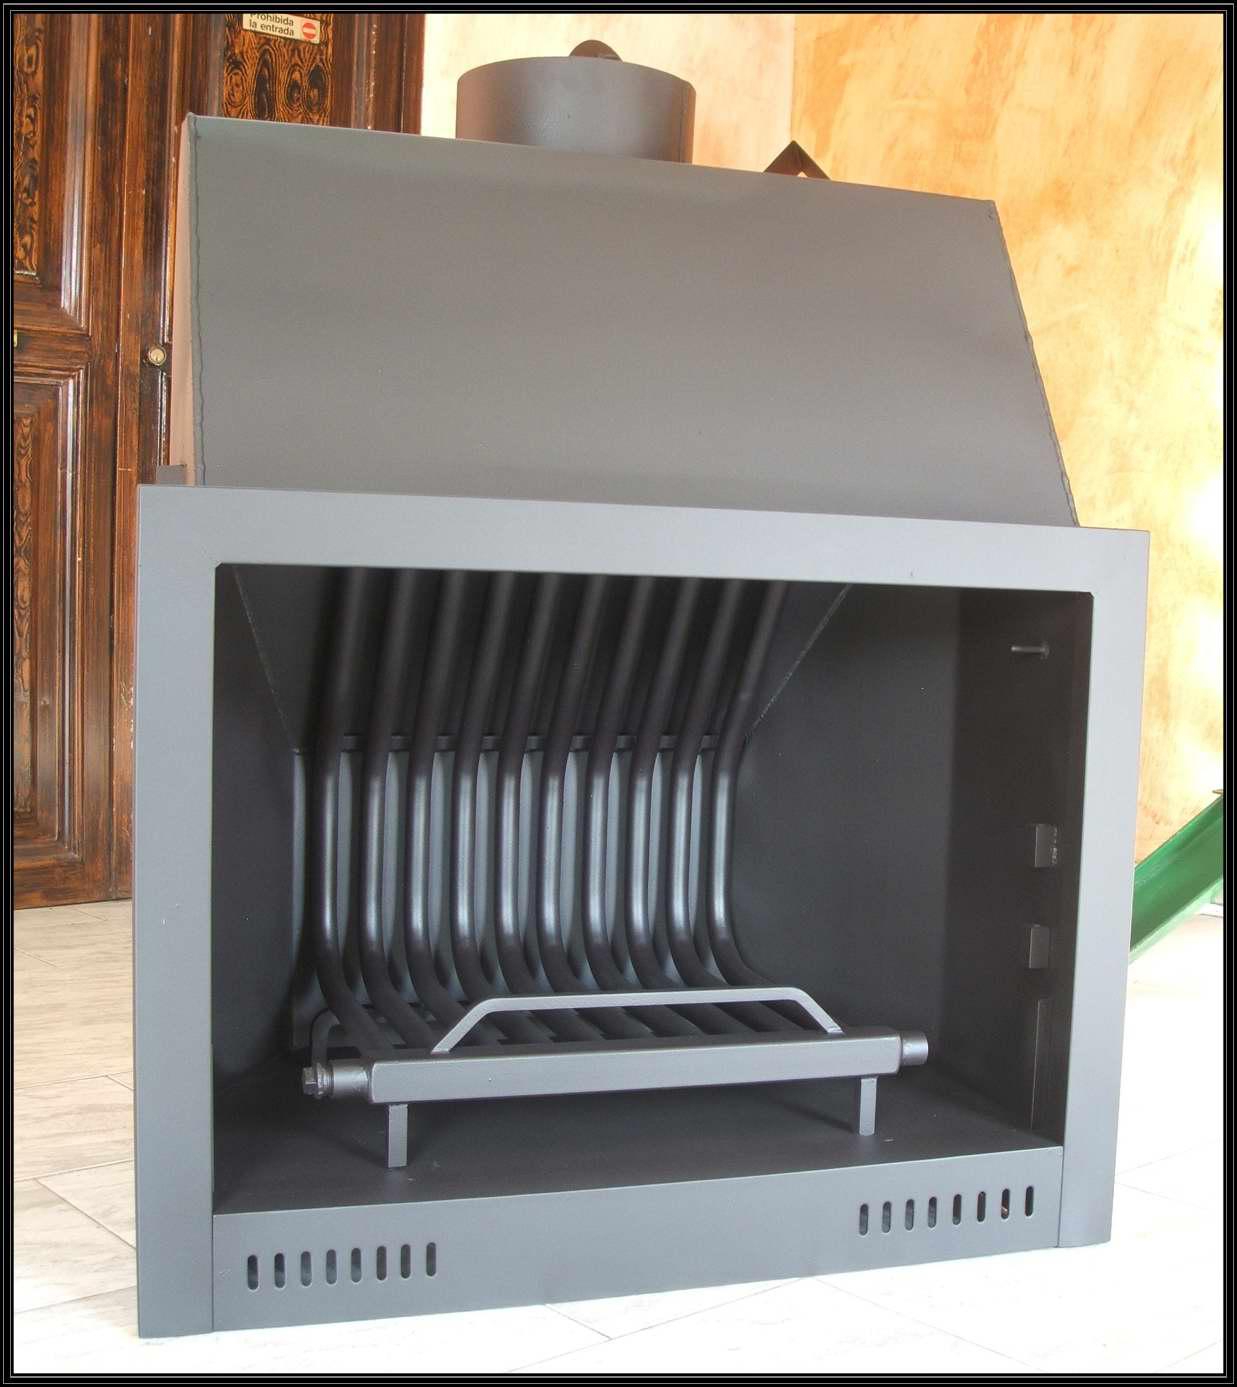 Tecnolog a para un progreso sostenible c mo aprovechar - Cocinar en la chimenea ...